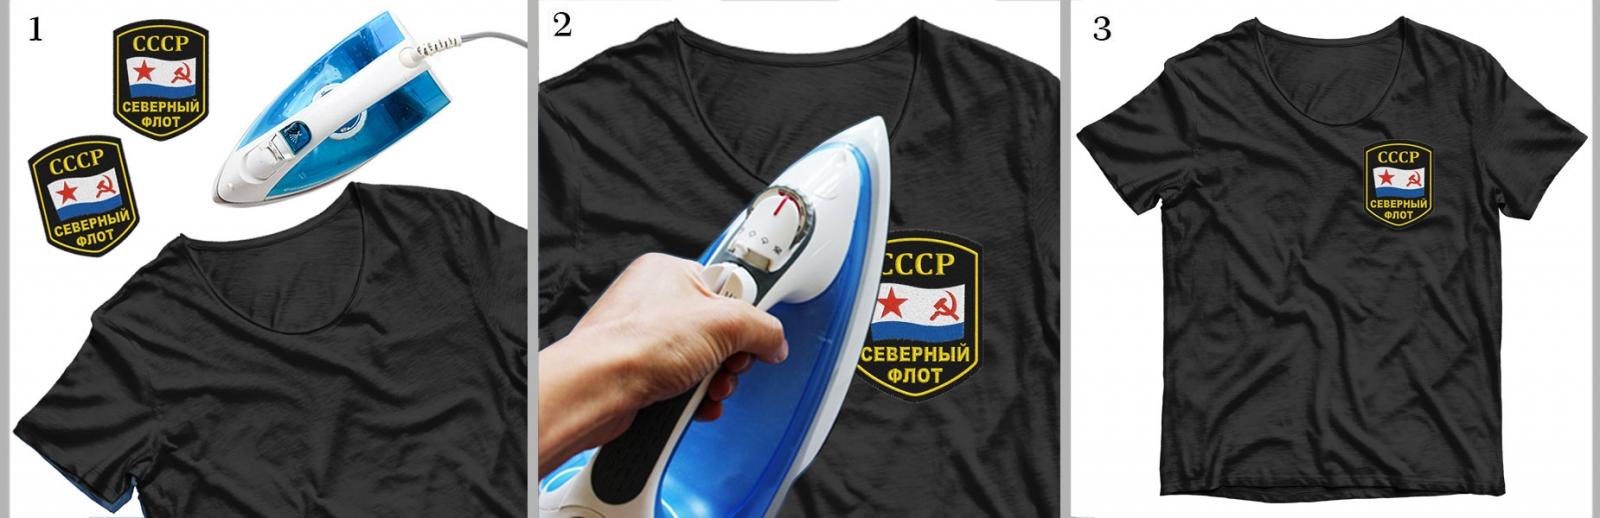 """Шеврон ВМФ СССР """"Северный флот"""""""